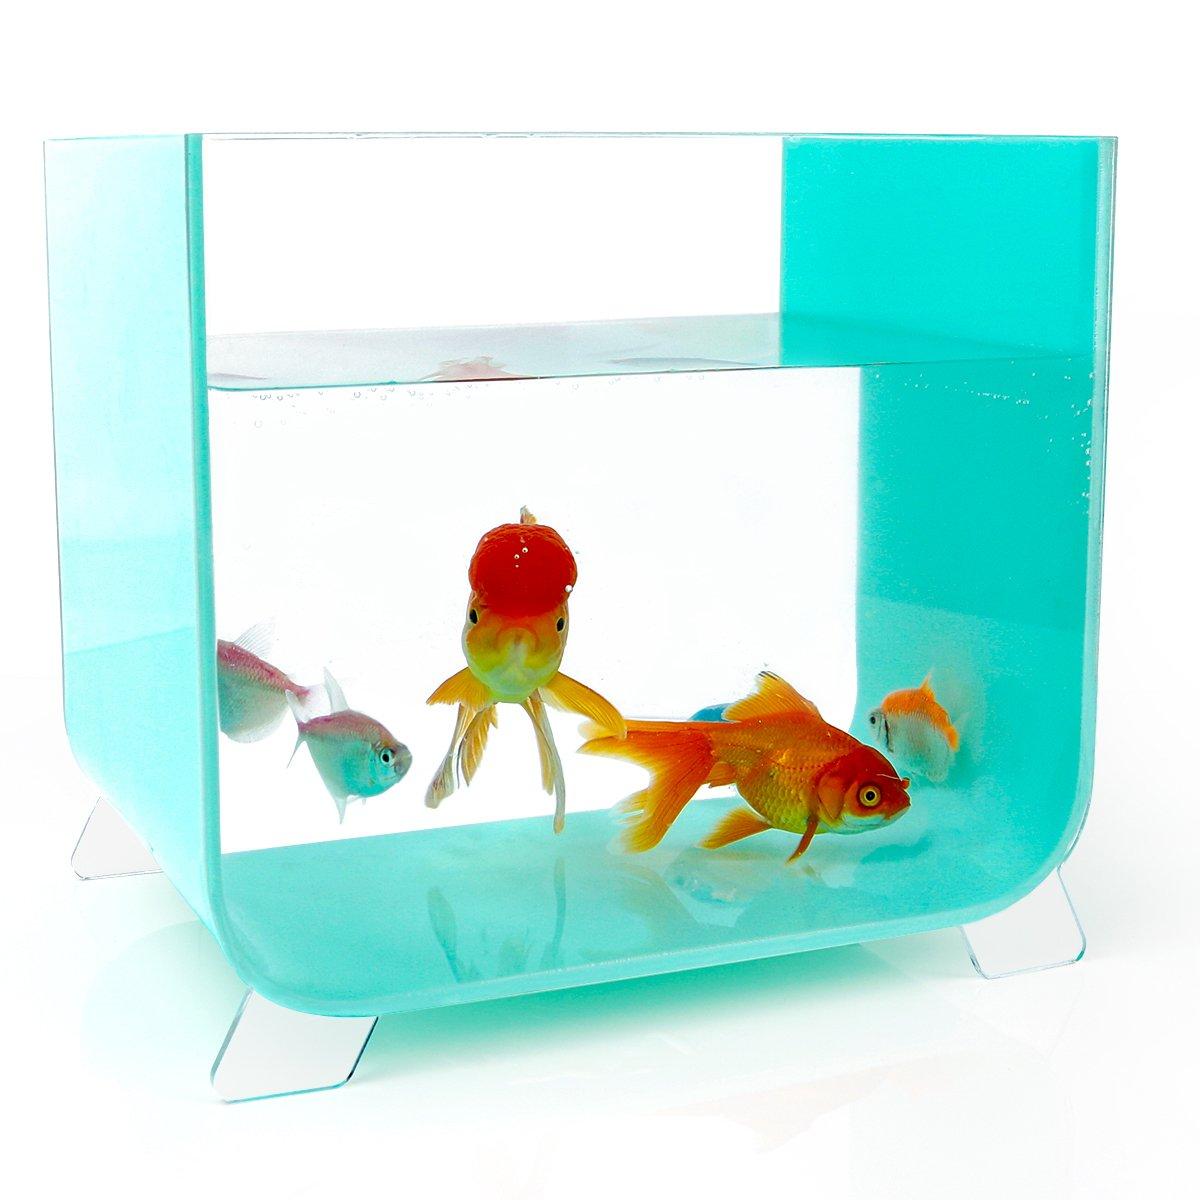 NewCrea acuario de acrílico con 4 pies para escritorio, azul, cuadrado: Amazon.es: Productos para mascotas